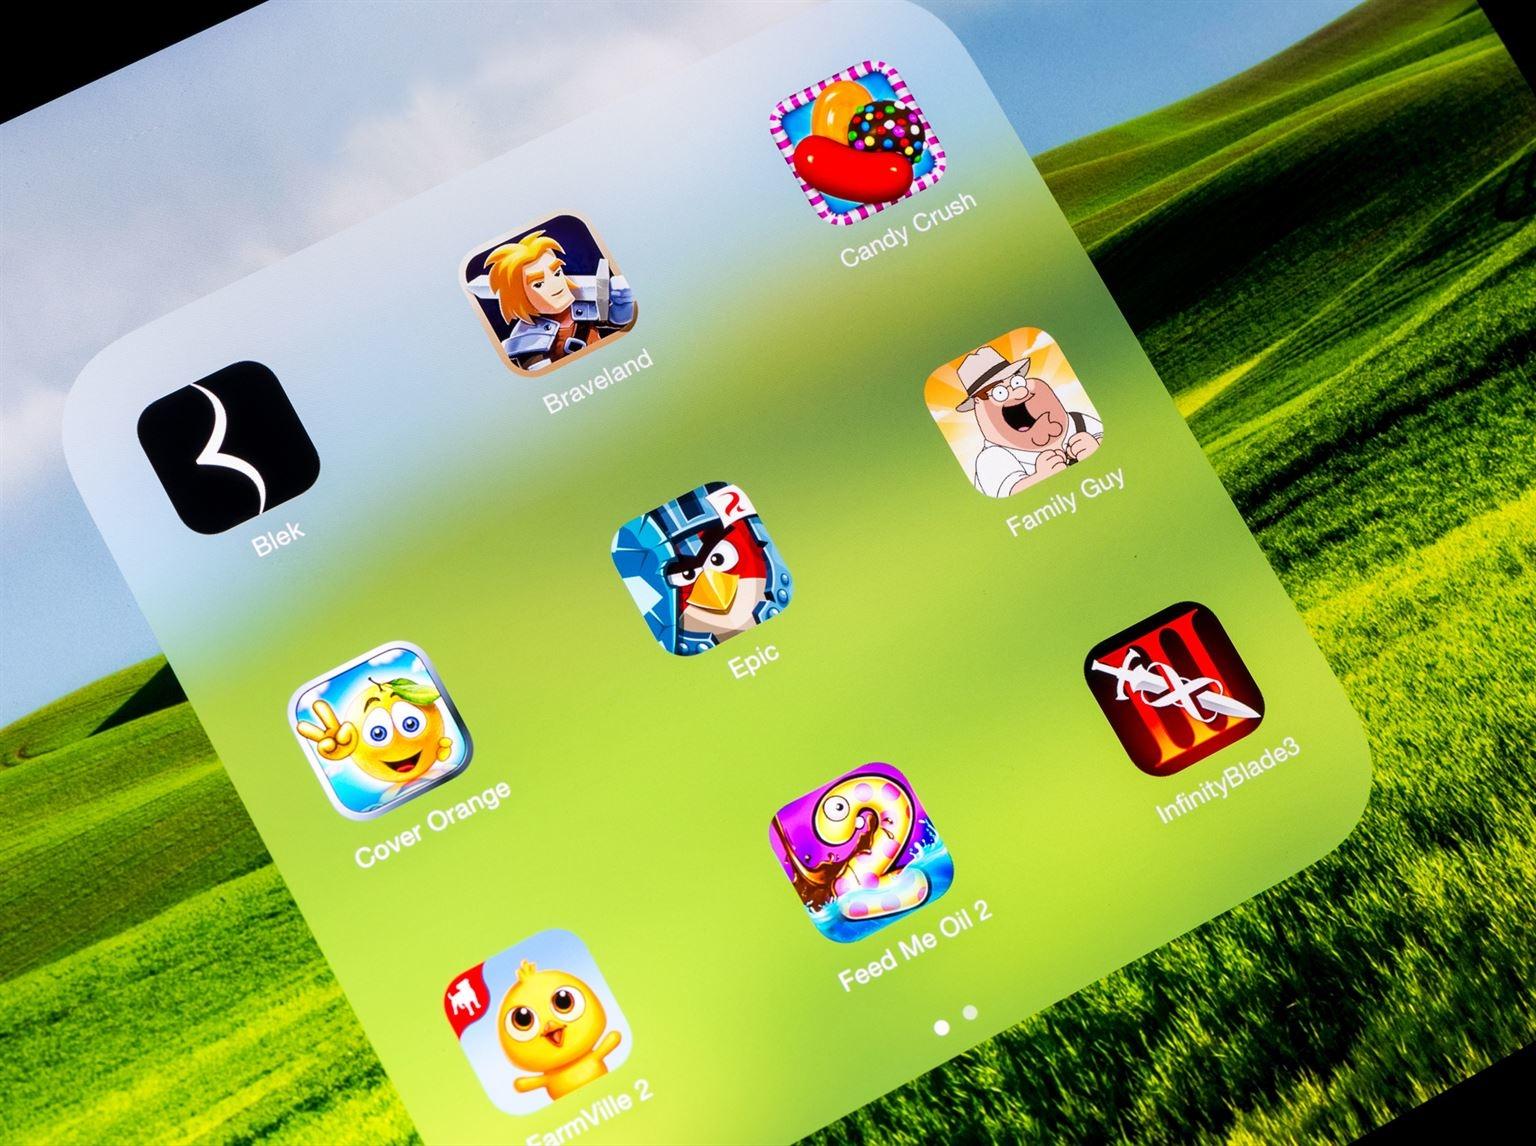 Jeux Sur Tablette: 64 Choix Pour Enfants | Protégez-Vous.ca encequiconcerne Telecharger Jeux Educatif Gratuit 4 Ans